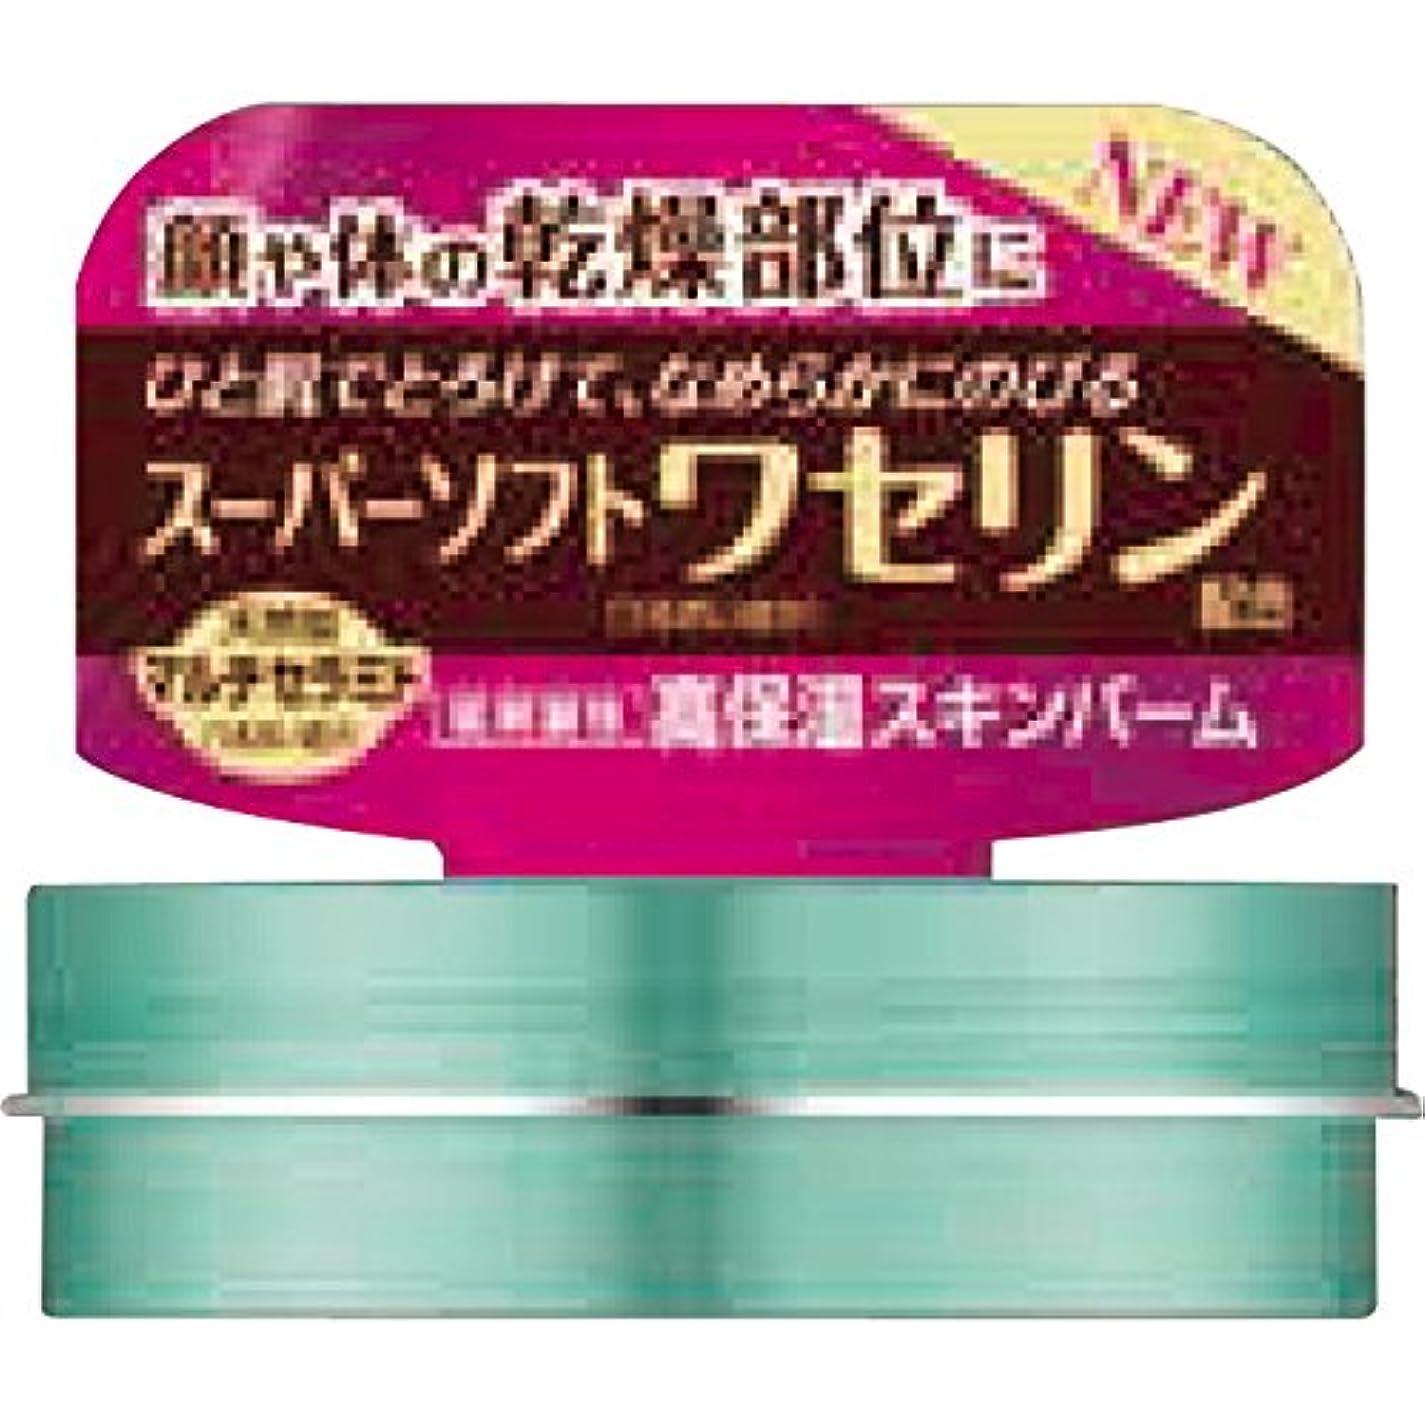 ガラガラ俳優一生ロート製薬 ケアセラ 天然型セラミド7種配合 高保湿スキンバーム ピュアフローラルの香り 40g